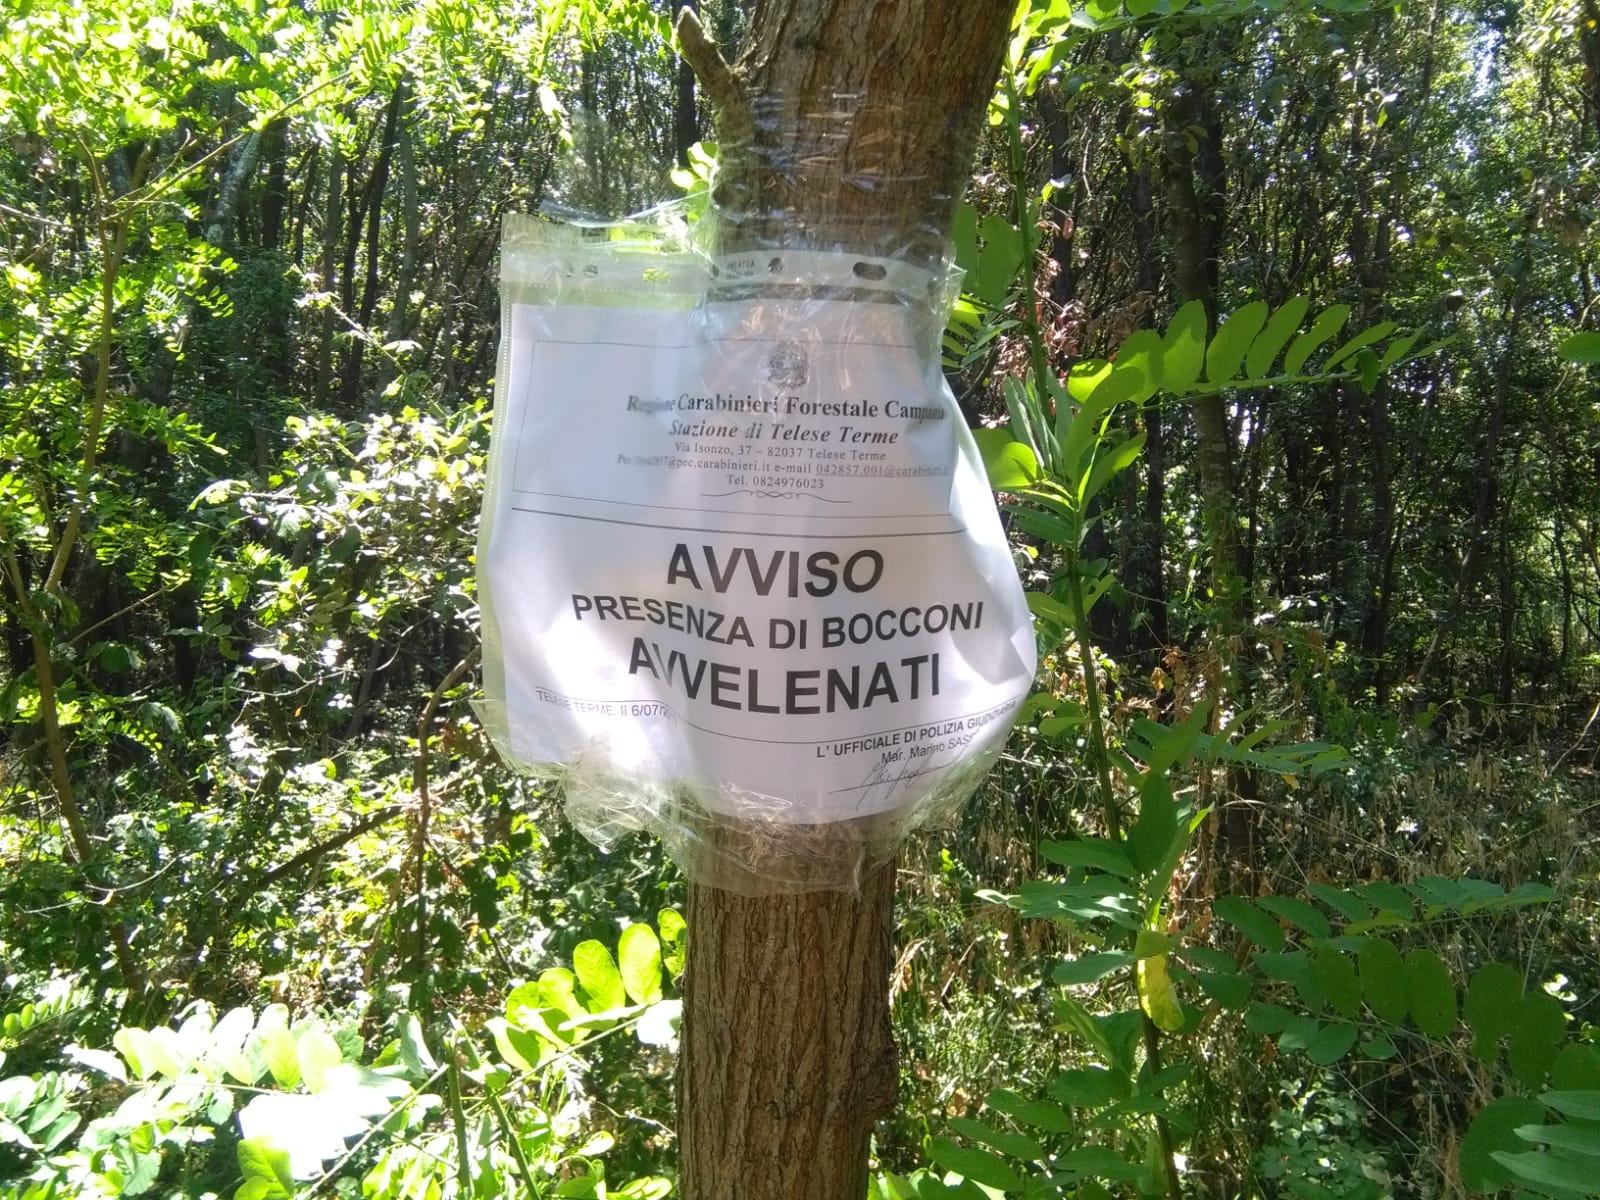 San Salvatore Telesina, esche avvelenate rinvenute dai Forestali sul Monte Pugliano